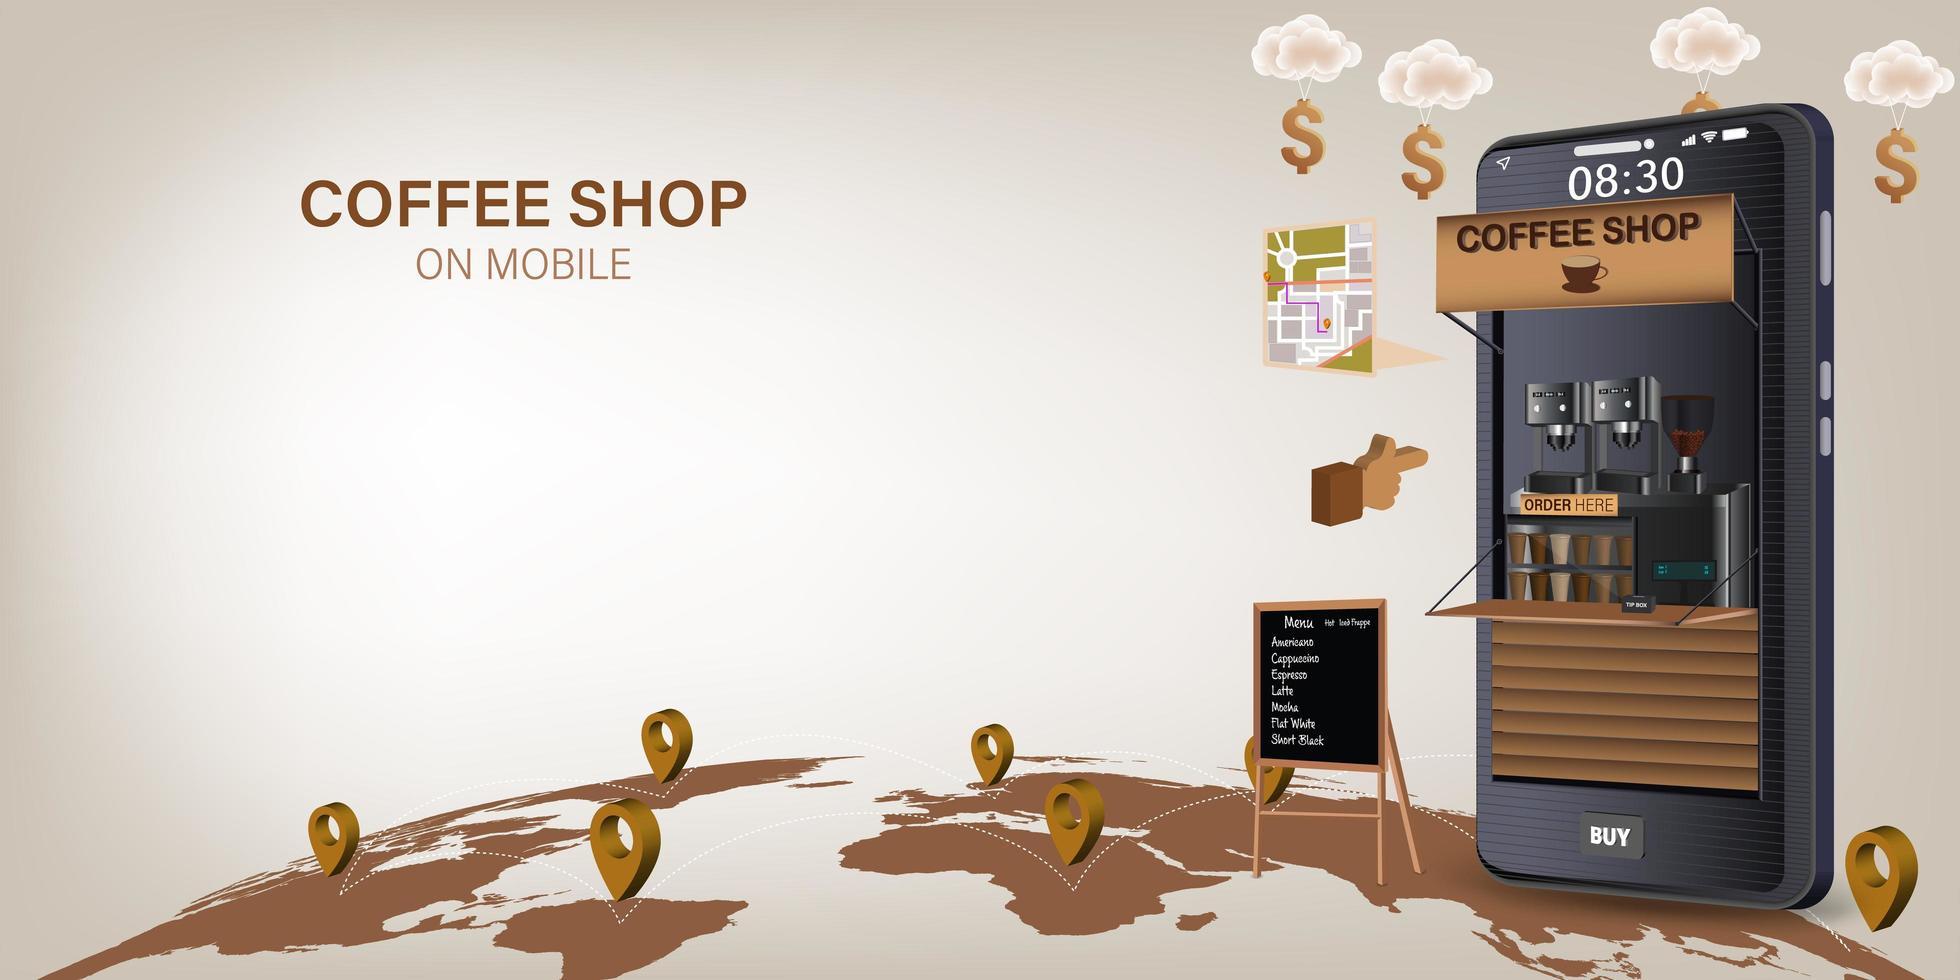 entrega de cafetería en línea en el móvil o sitio web vector